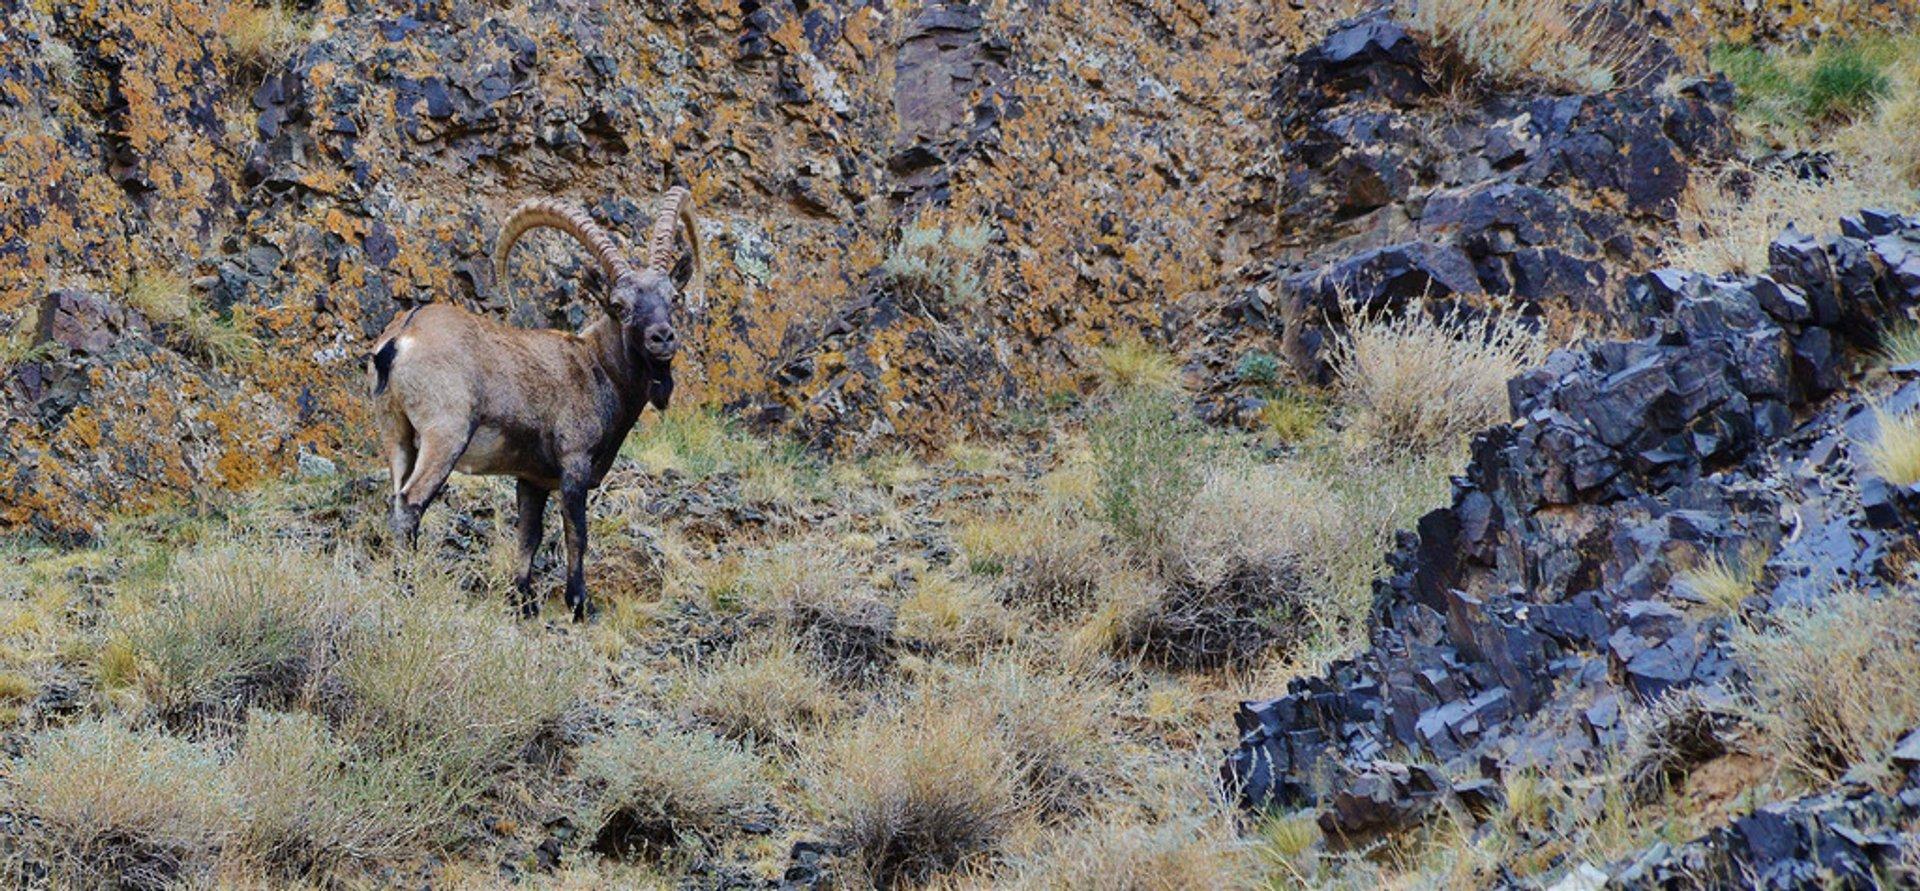 Ibex Tost Uul Gobi Desert Mongolia 2020